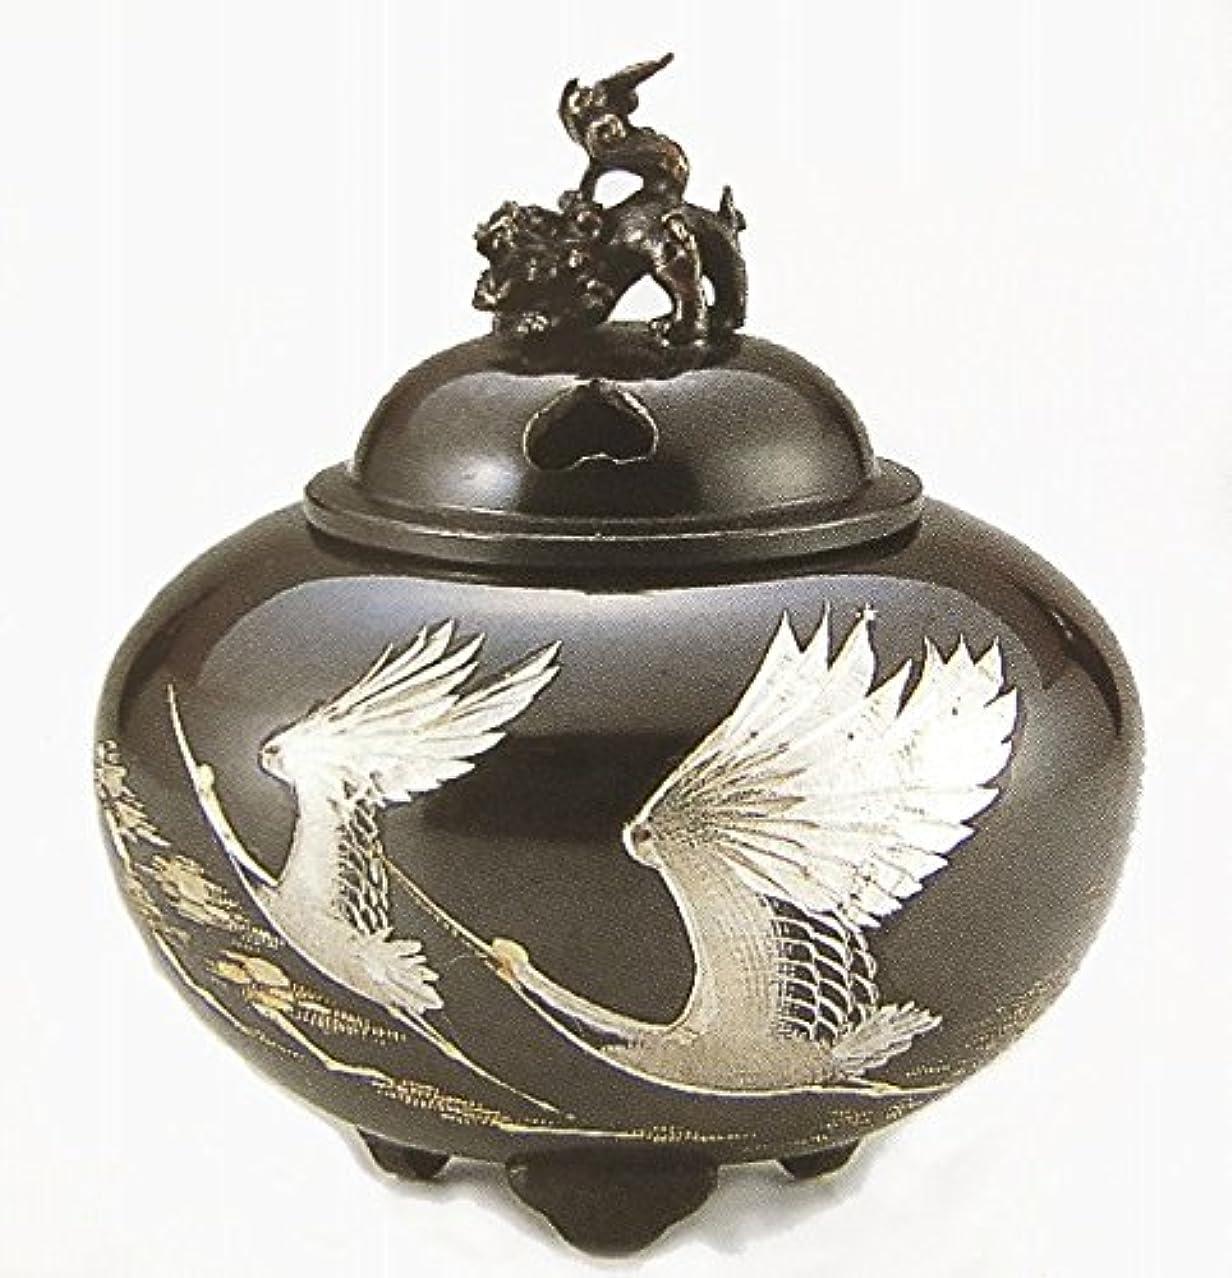 ロースト理想的スポンジ『平丸獅子蓋香炉?双鶴』銅製